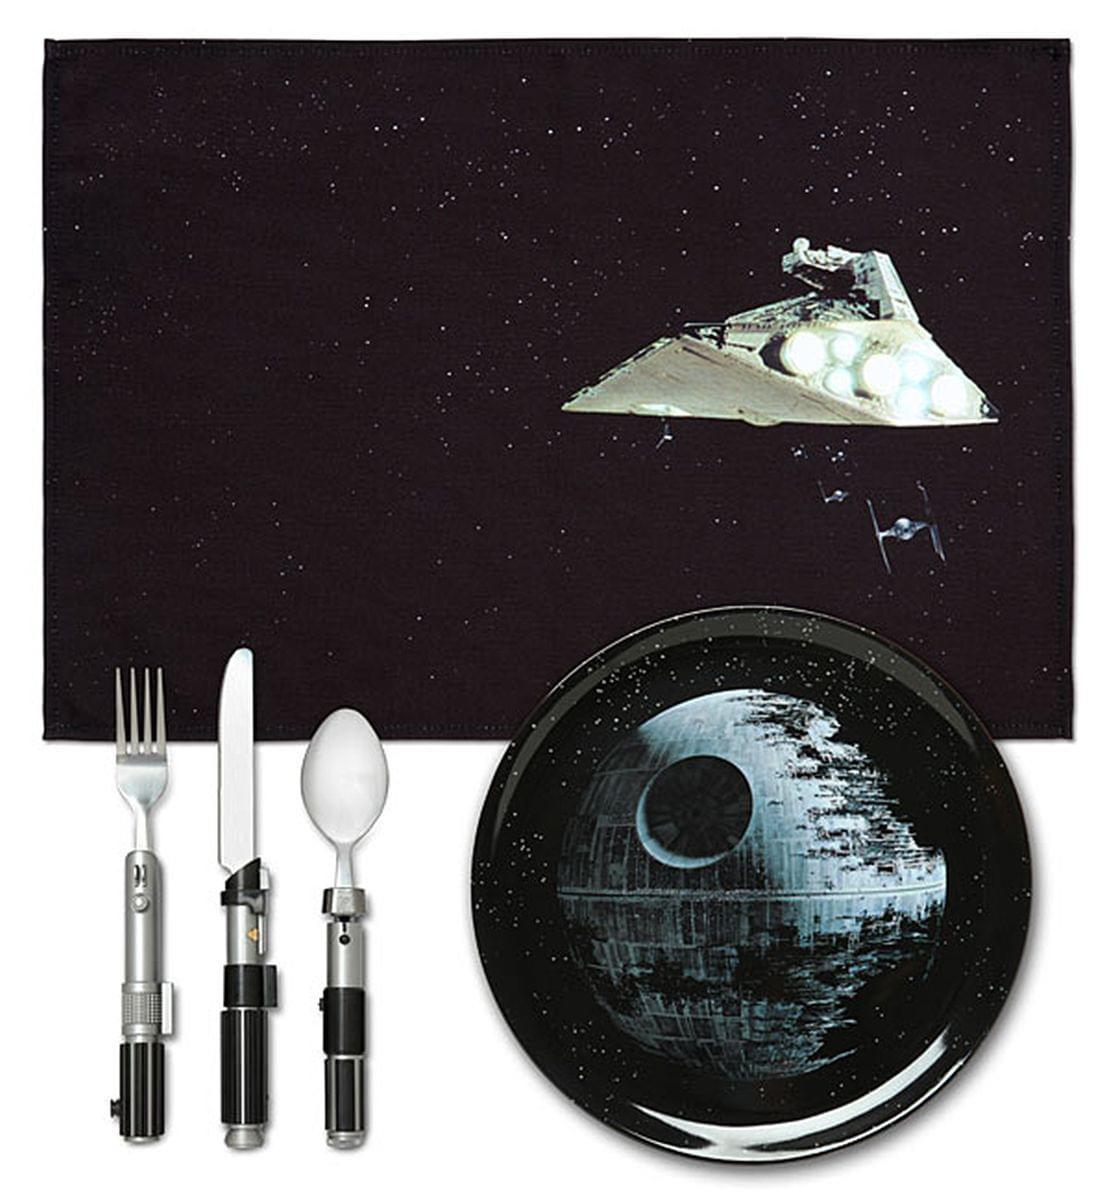 Star Wars Dinner Set: Death Star